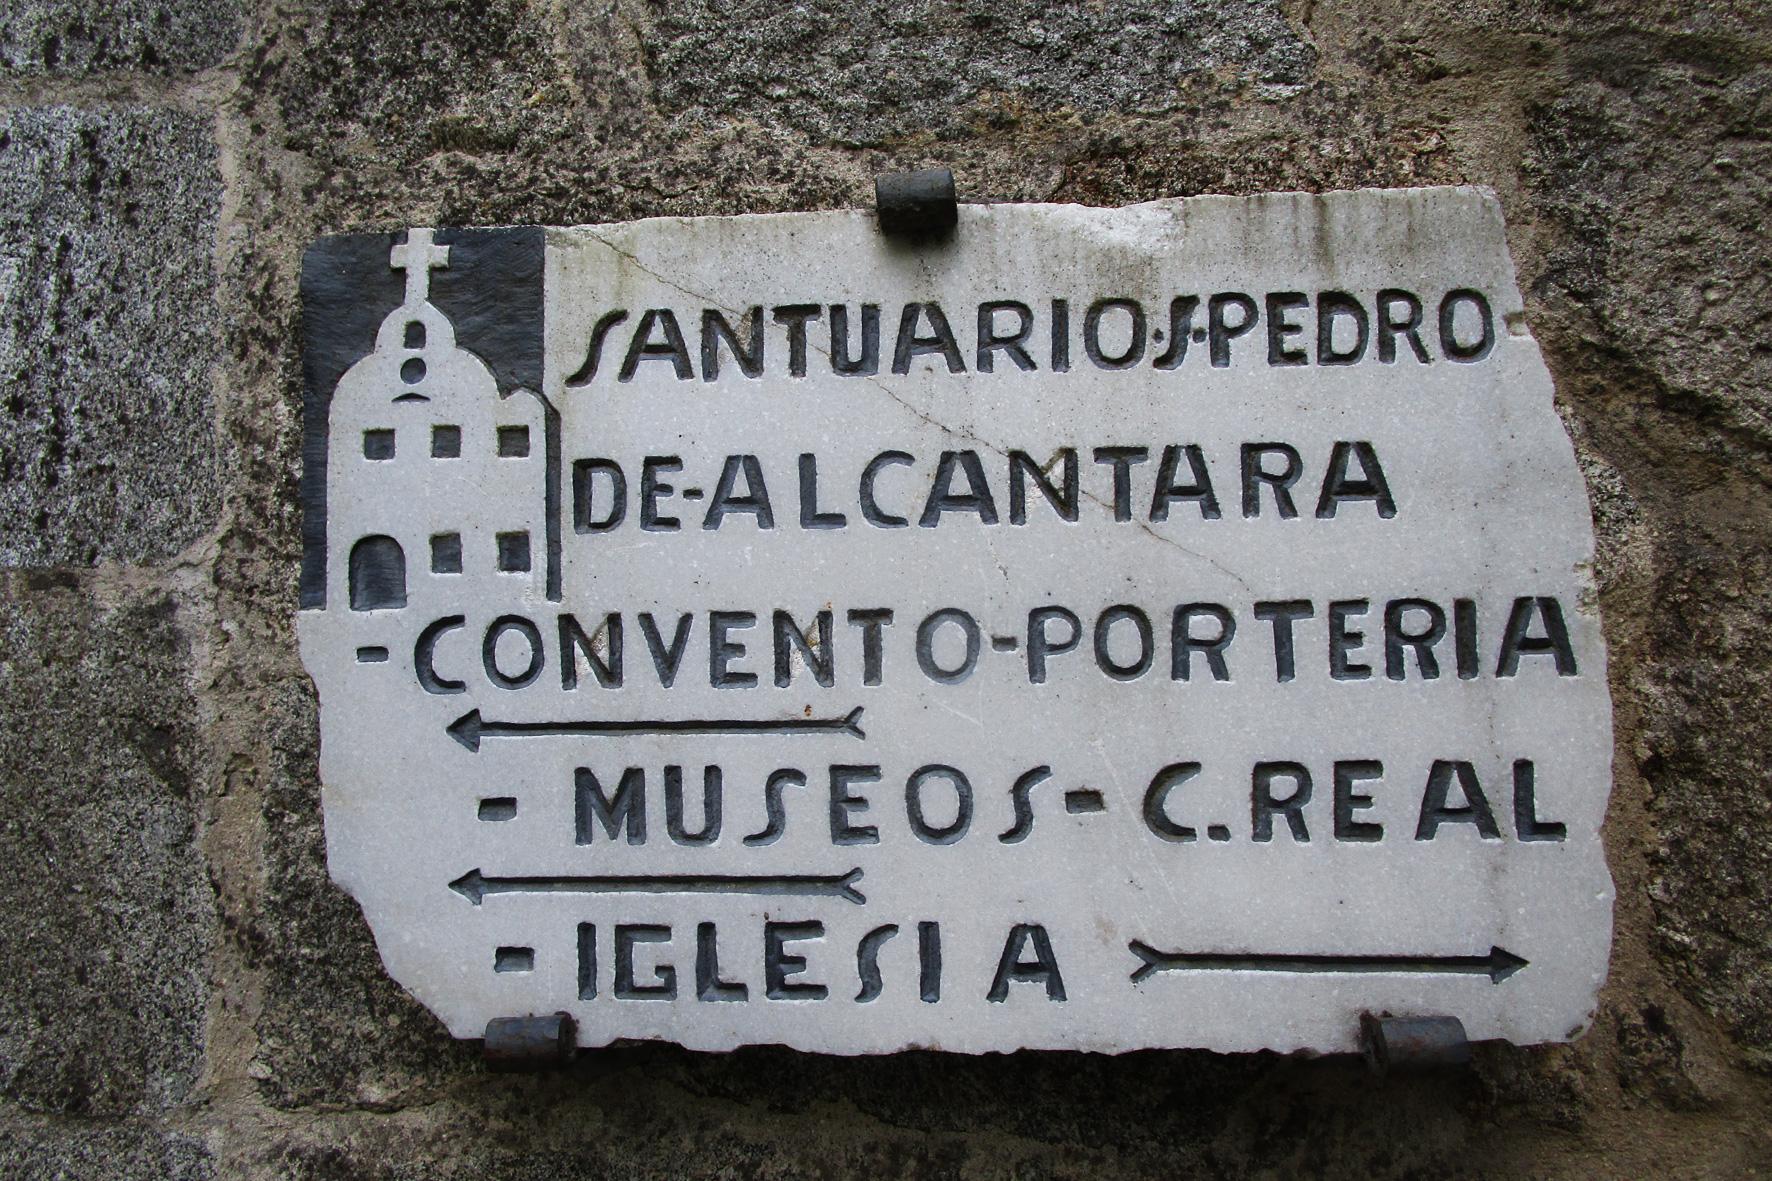 Santuario de San Pedro de Alcántara